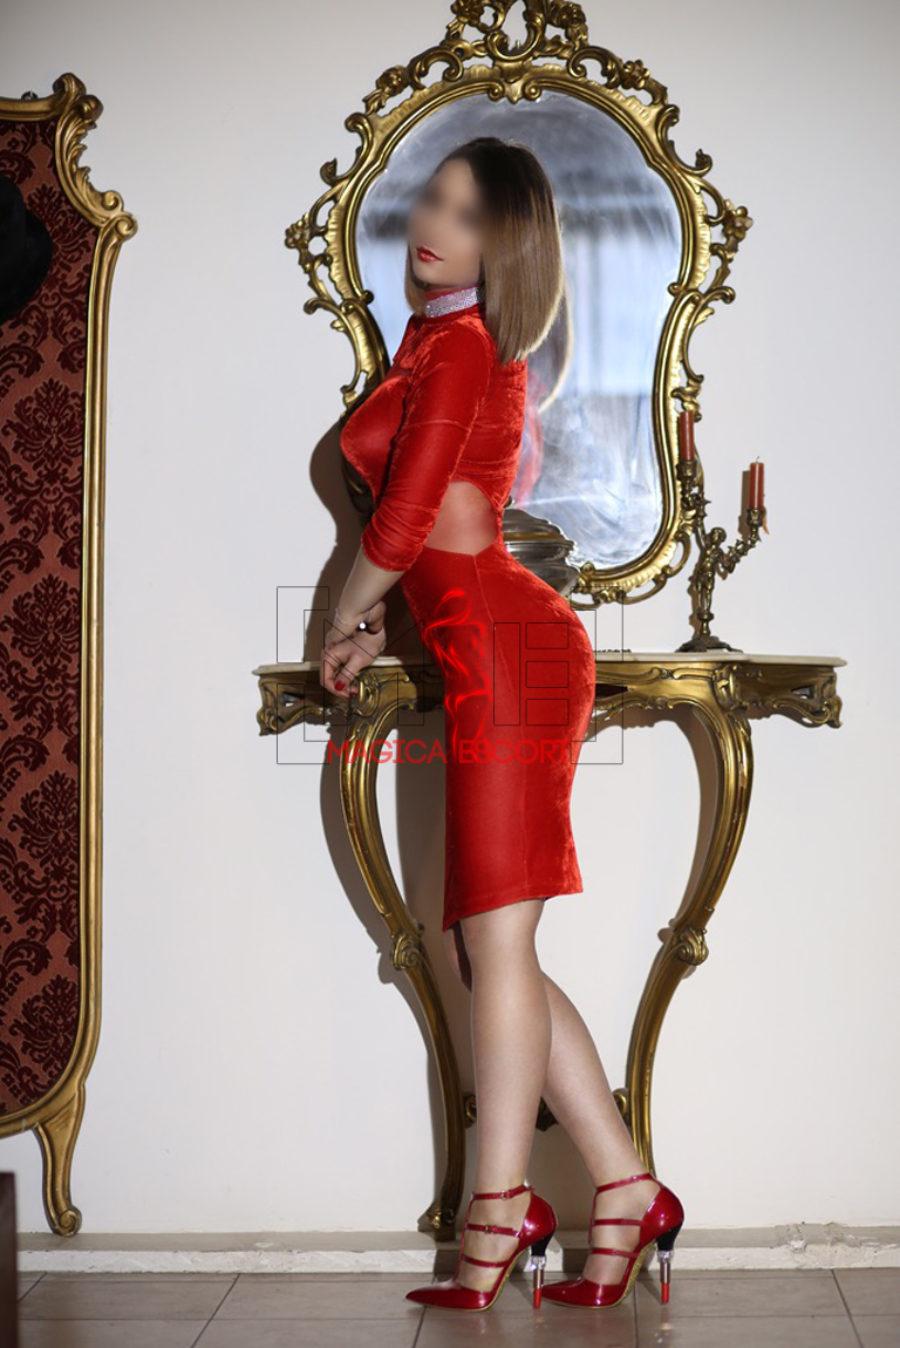 Agatha escort Milano indossa un abito elegante color rosso fuoco.